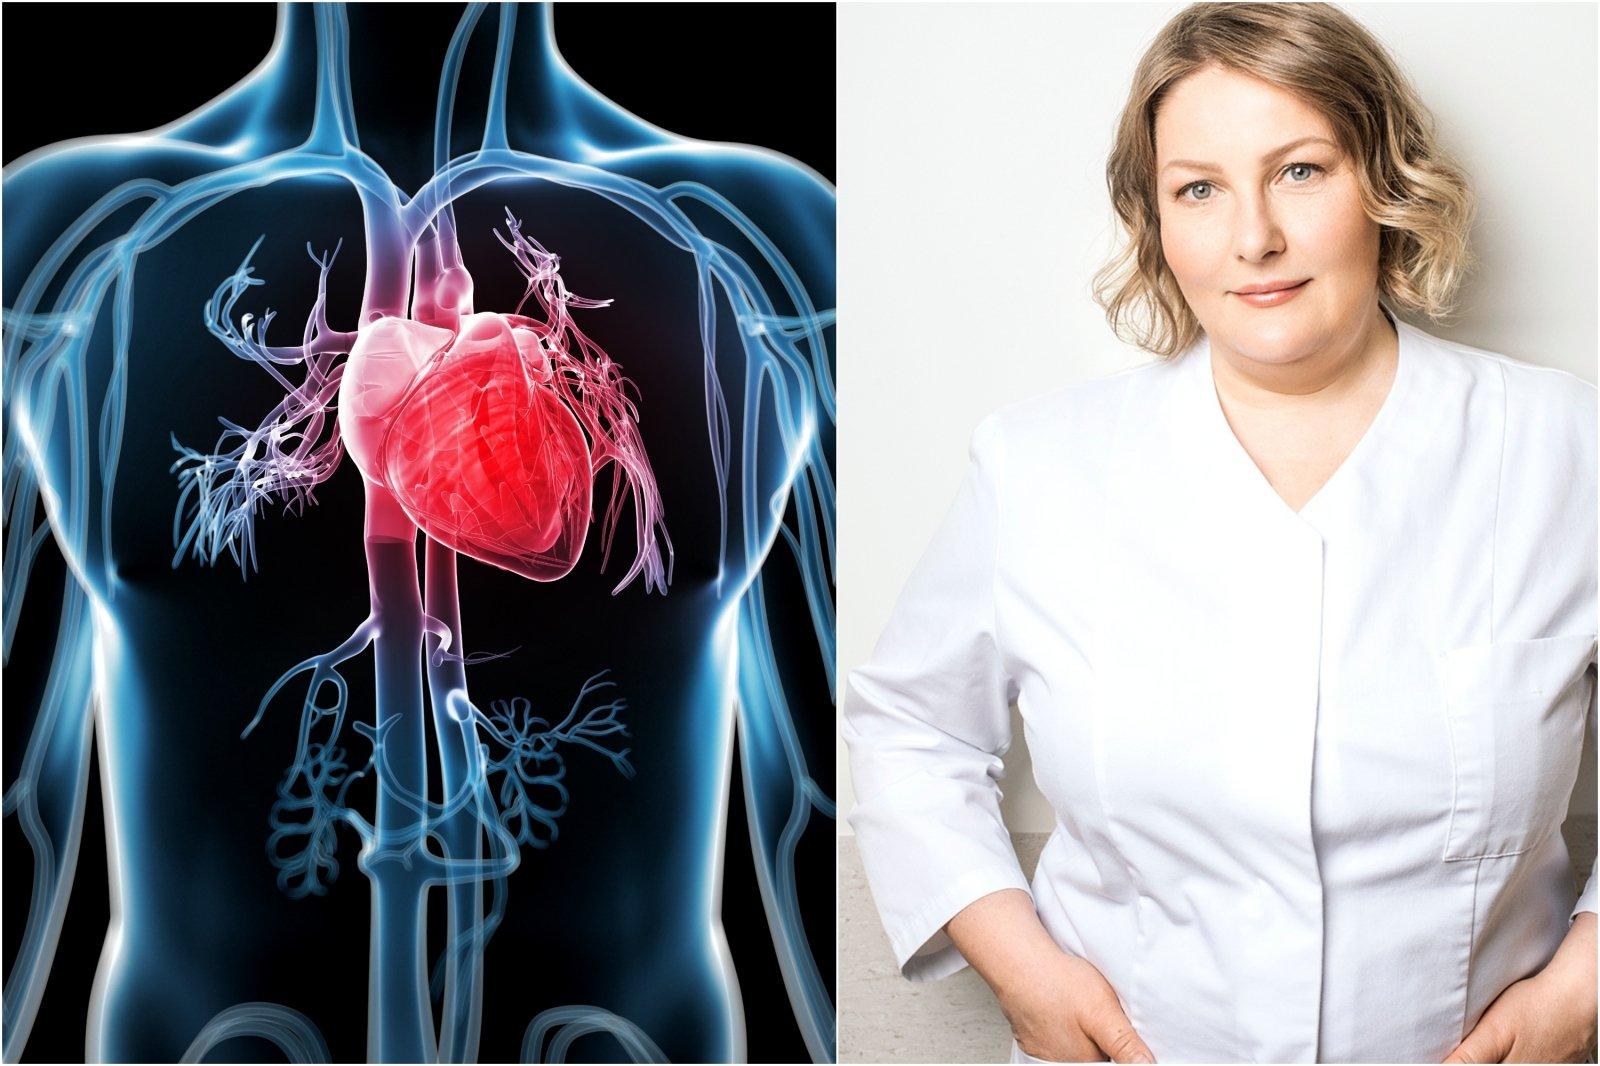 Moterų sveikata. Kas svarbu? | 60 plius